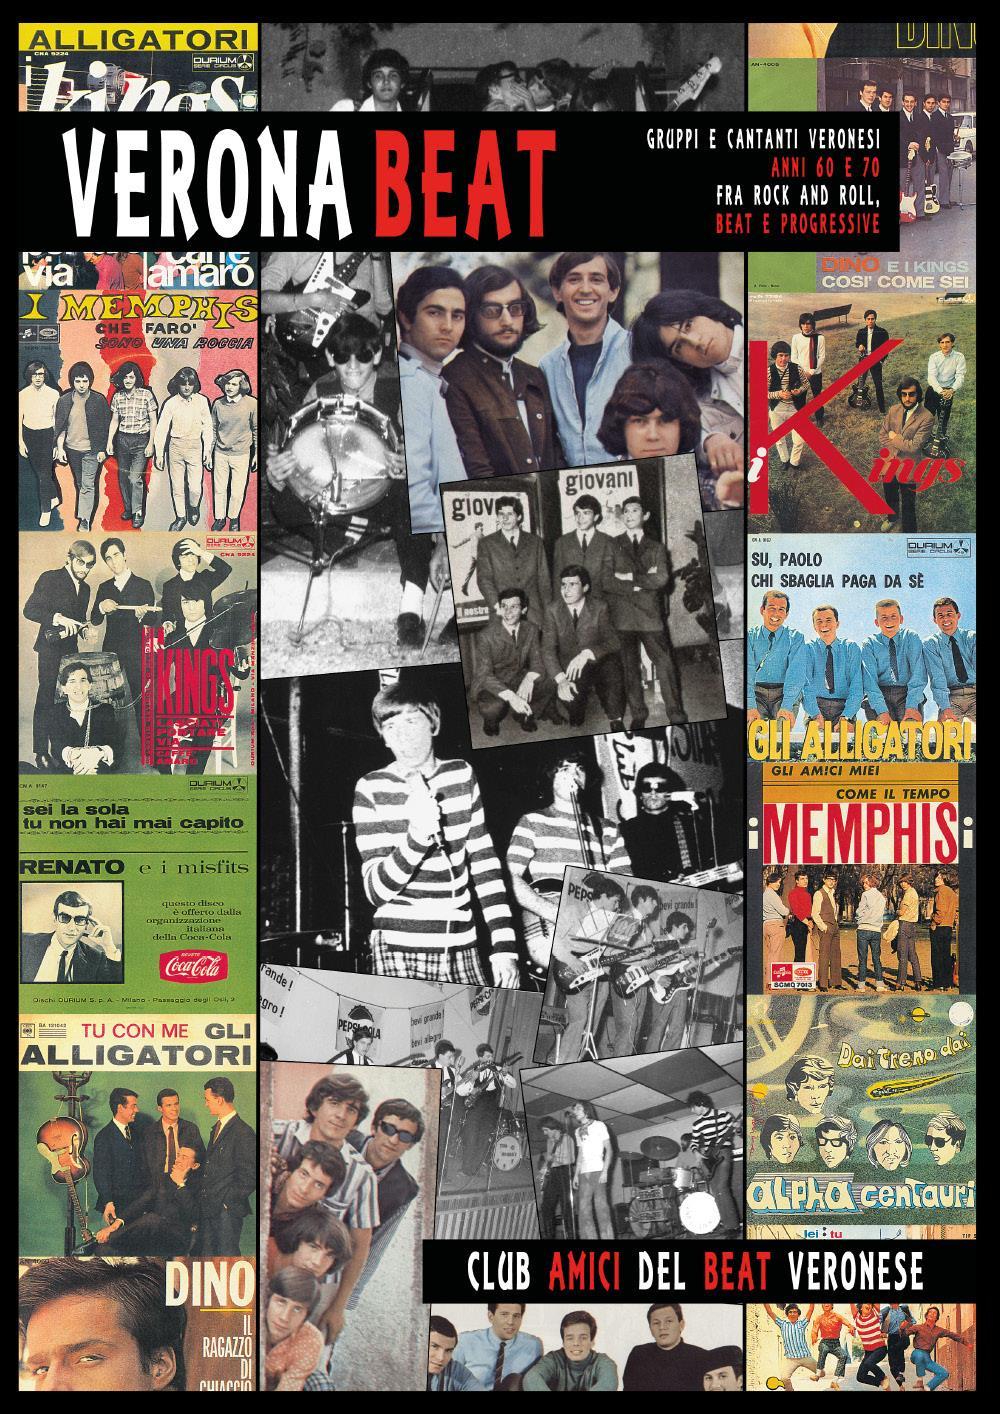 Verona Beat - Gruppi e cantanti veronesi anni 60 e 70 fra rock and roll, beat e progressive